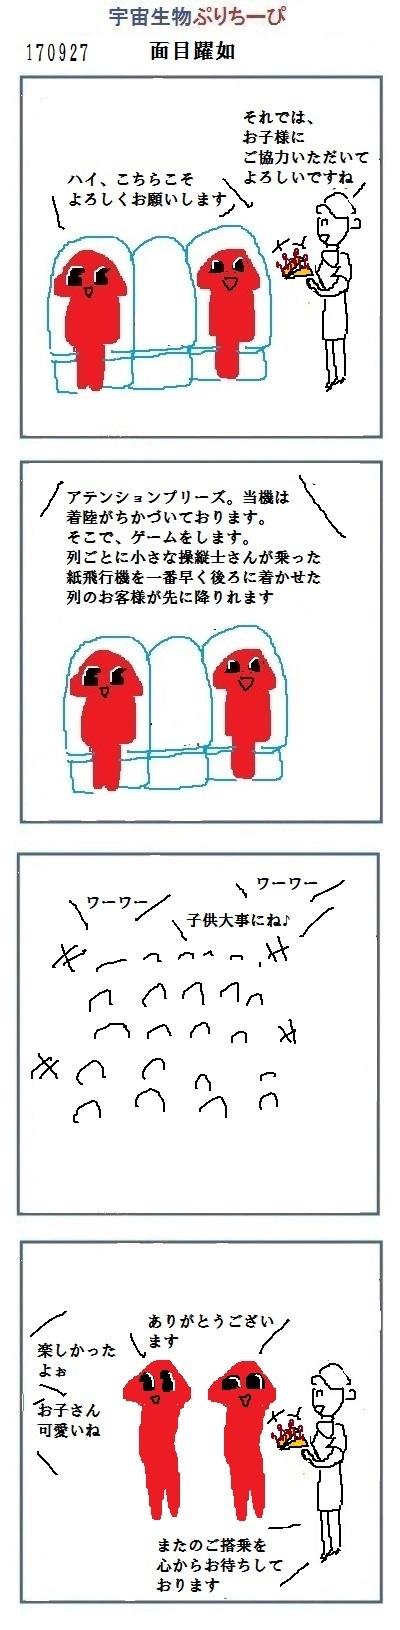 170927-1.jpg